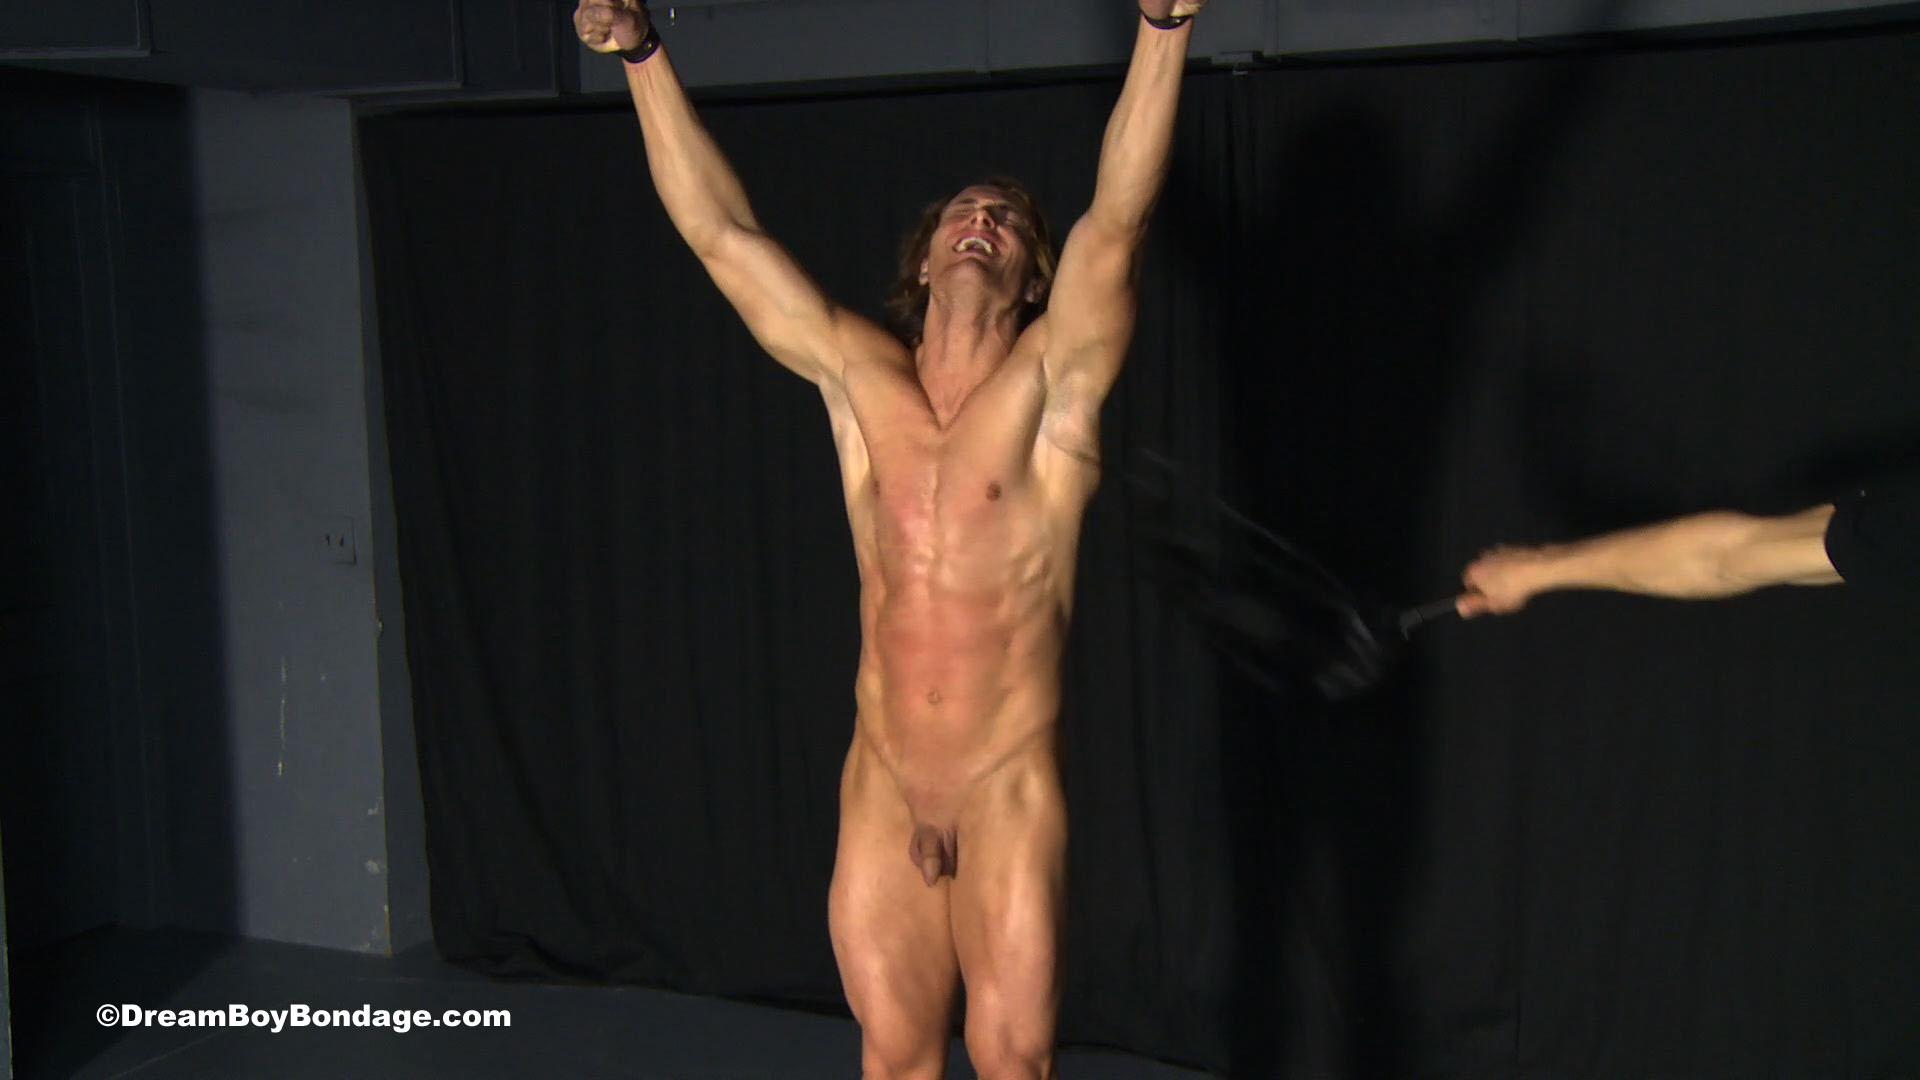 einfach porno free hot gay porn free videos